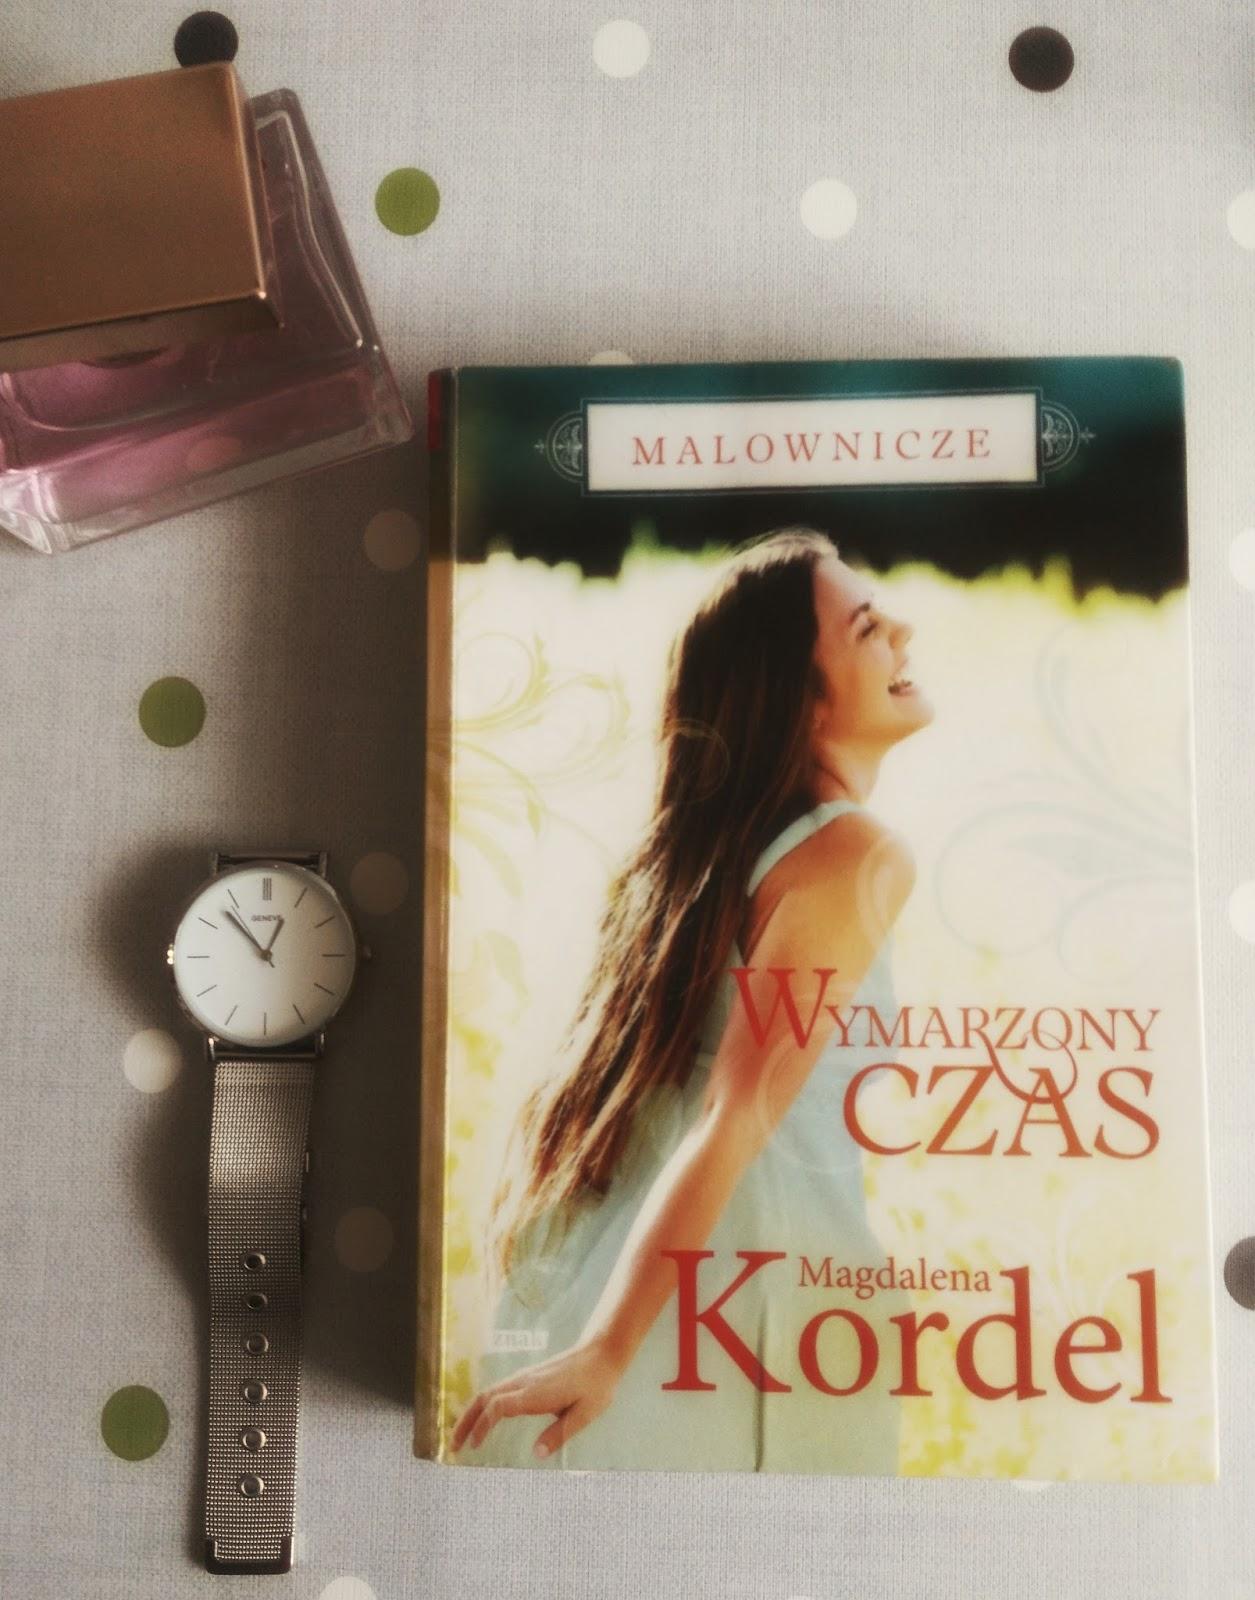 Wymarzony czas - Magdalena kordel - recenzja